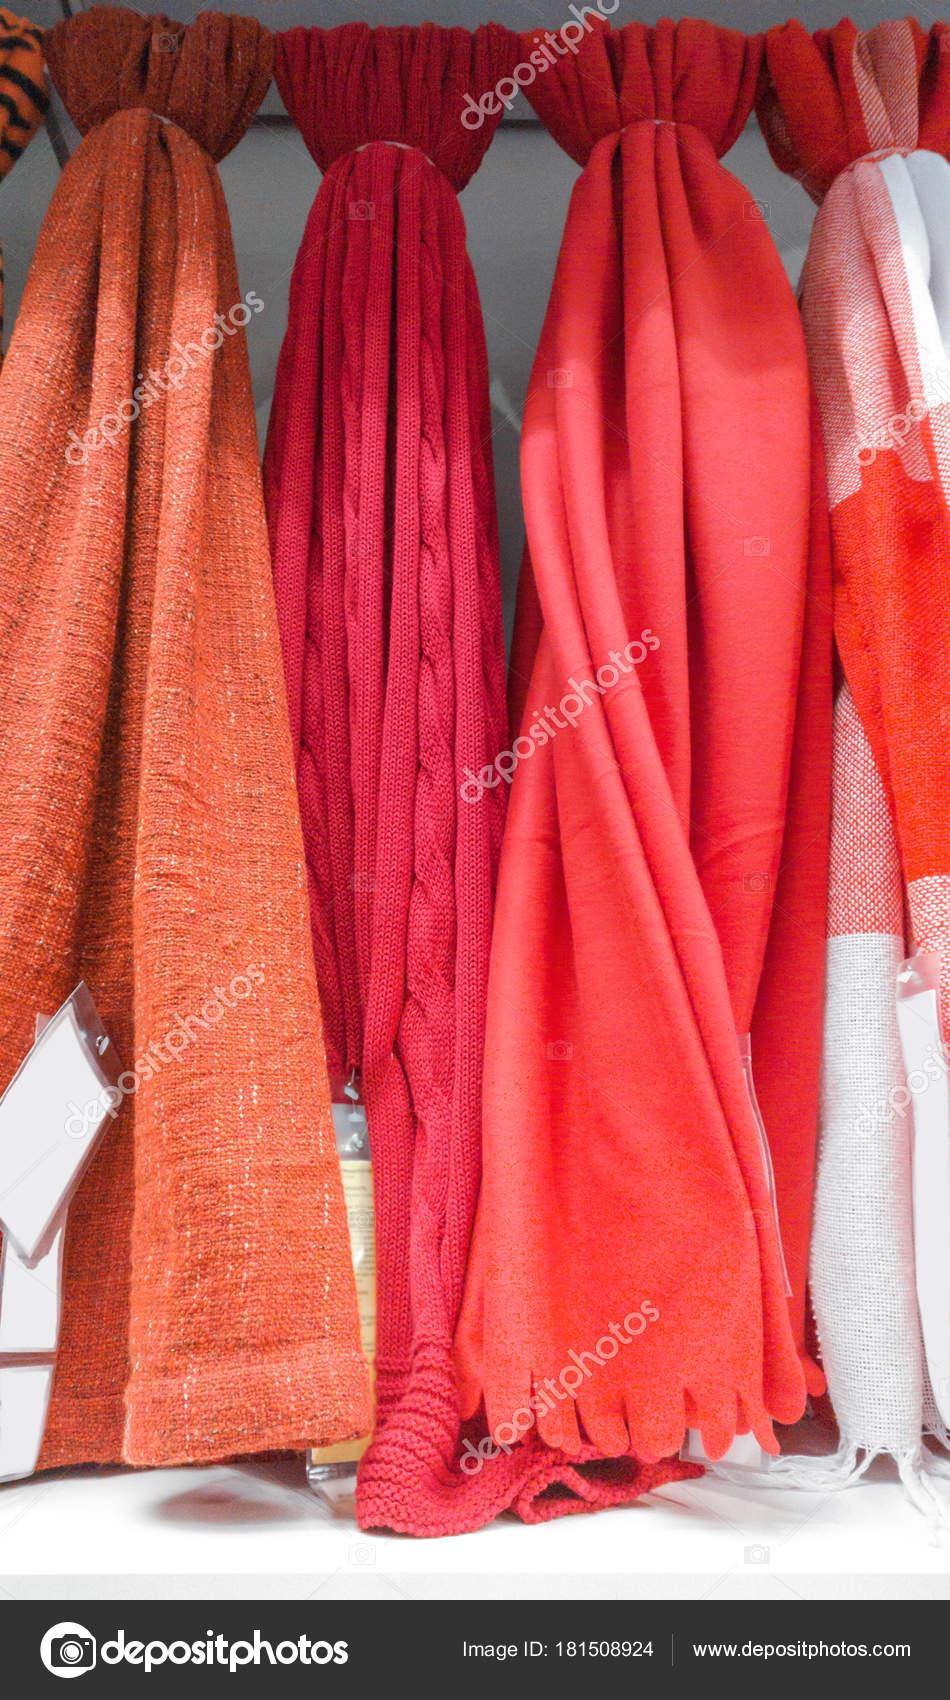 gordijnen uitverkoop — Stockfoto © -S._E- #181508924